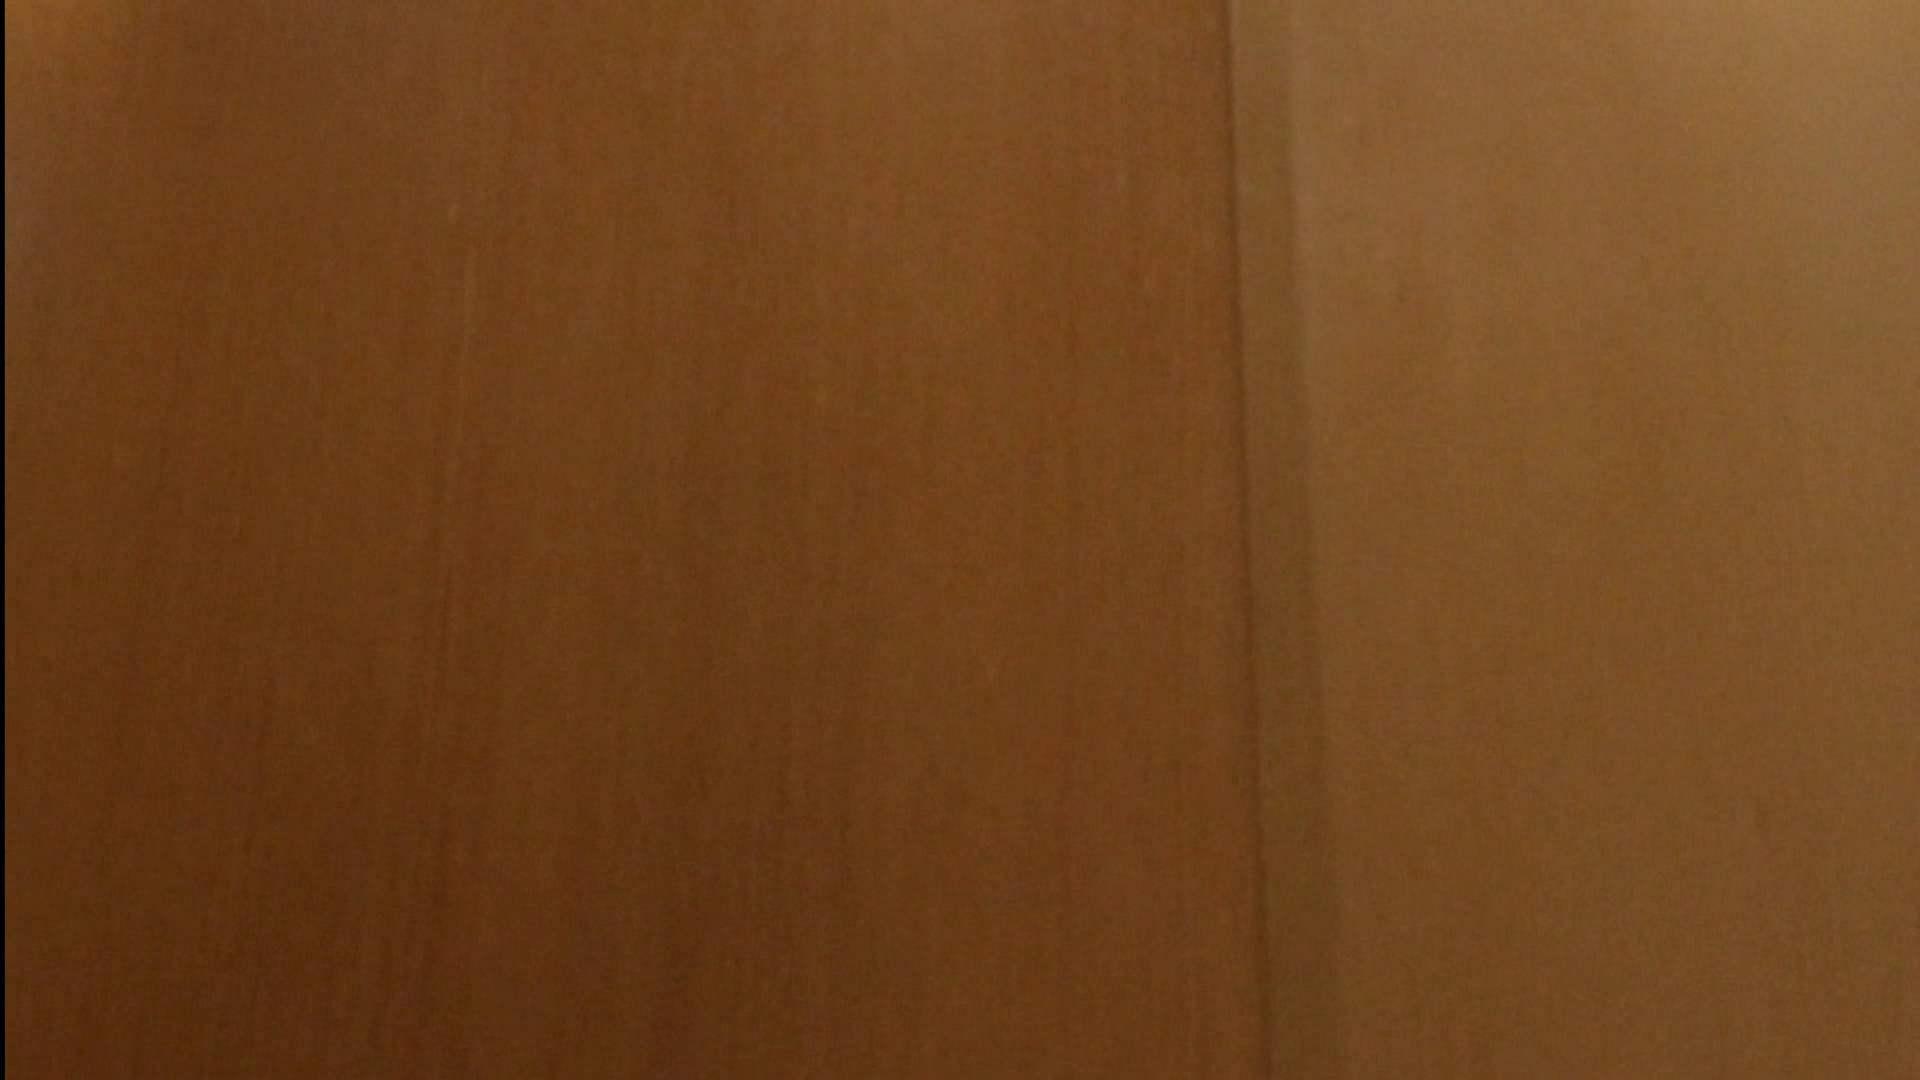 「噂」の国の厠観察日記2 Vol.04 厠 隠し撮りオマンコ動画紹介 11pic 8